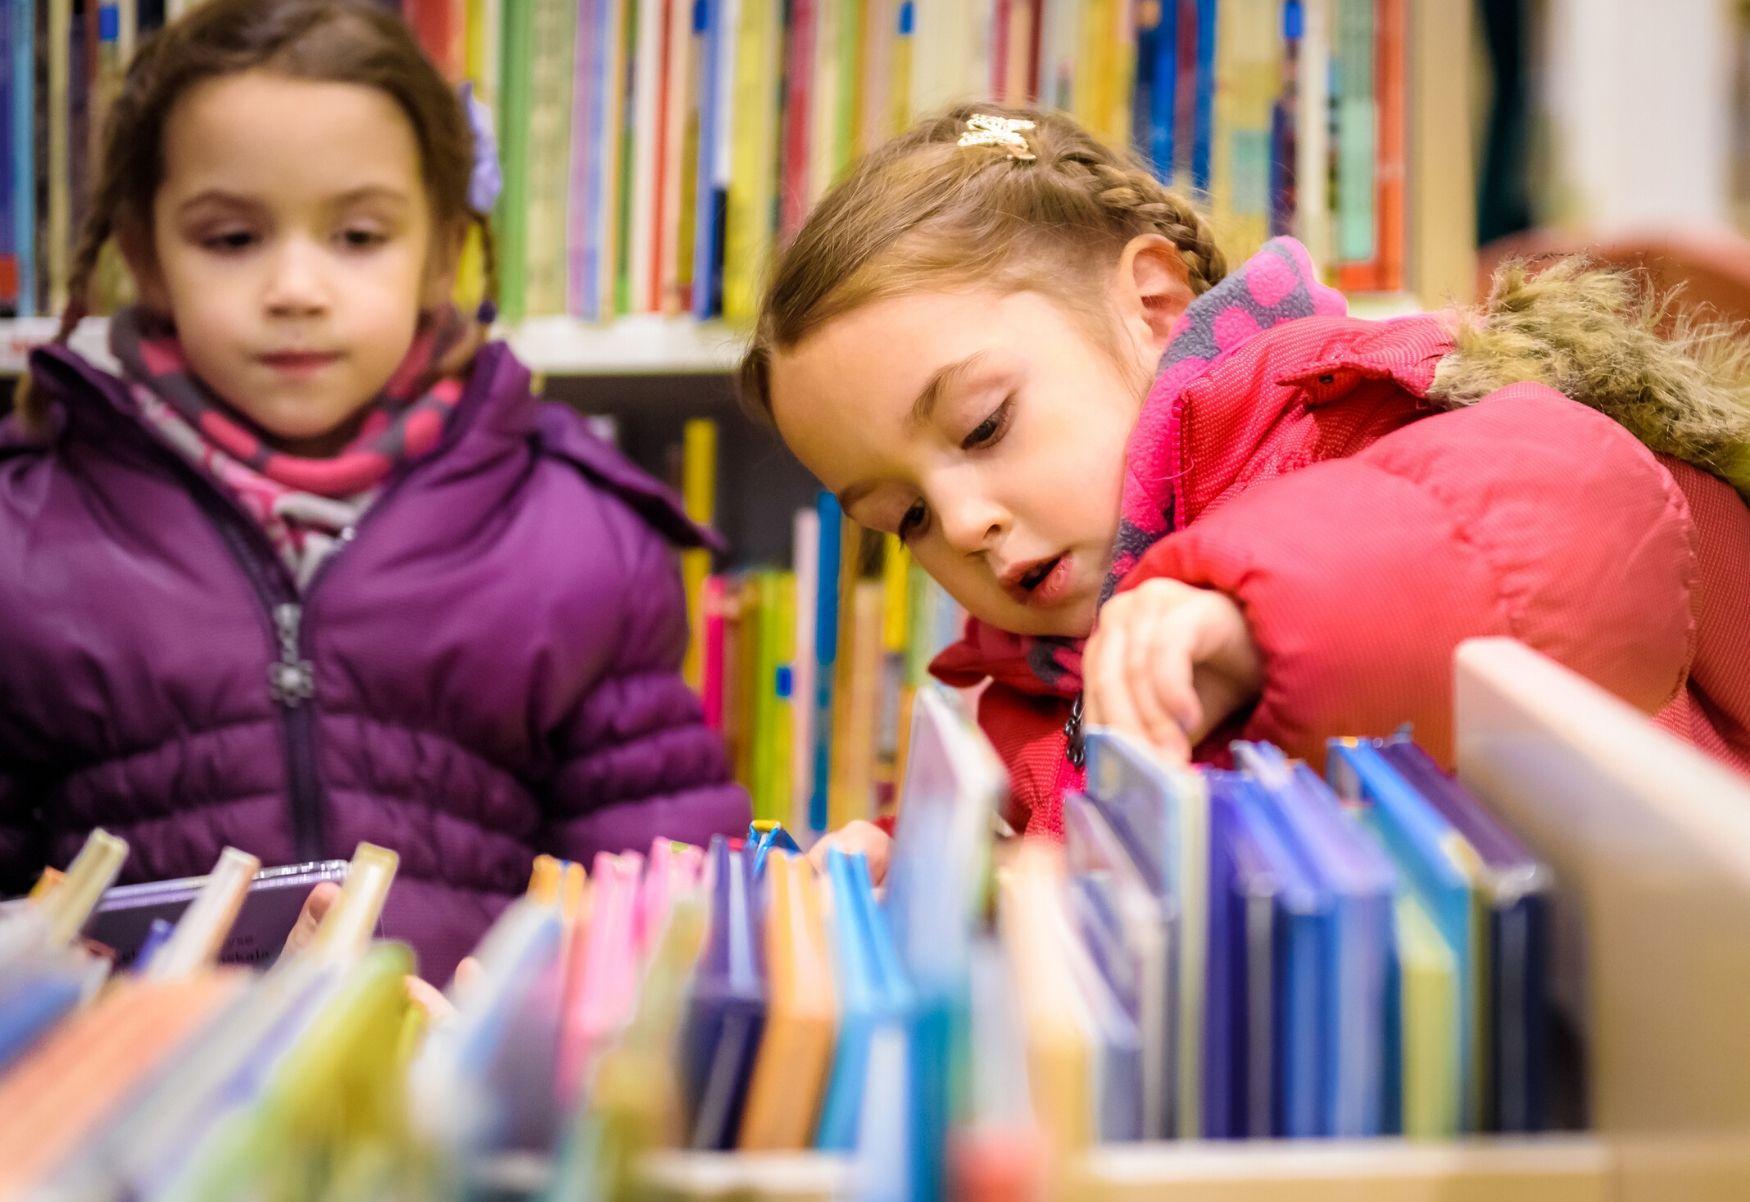 bimbe in libreria